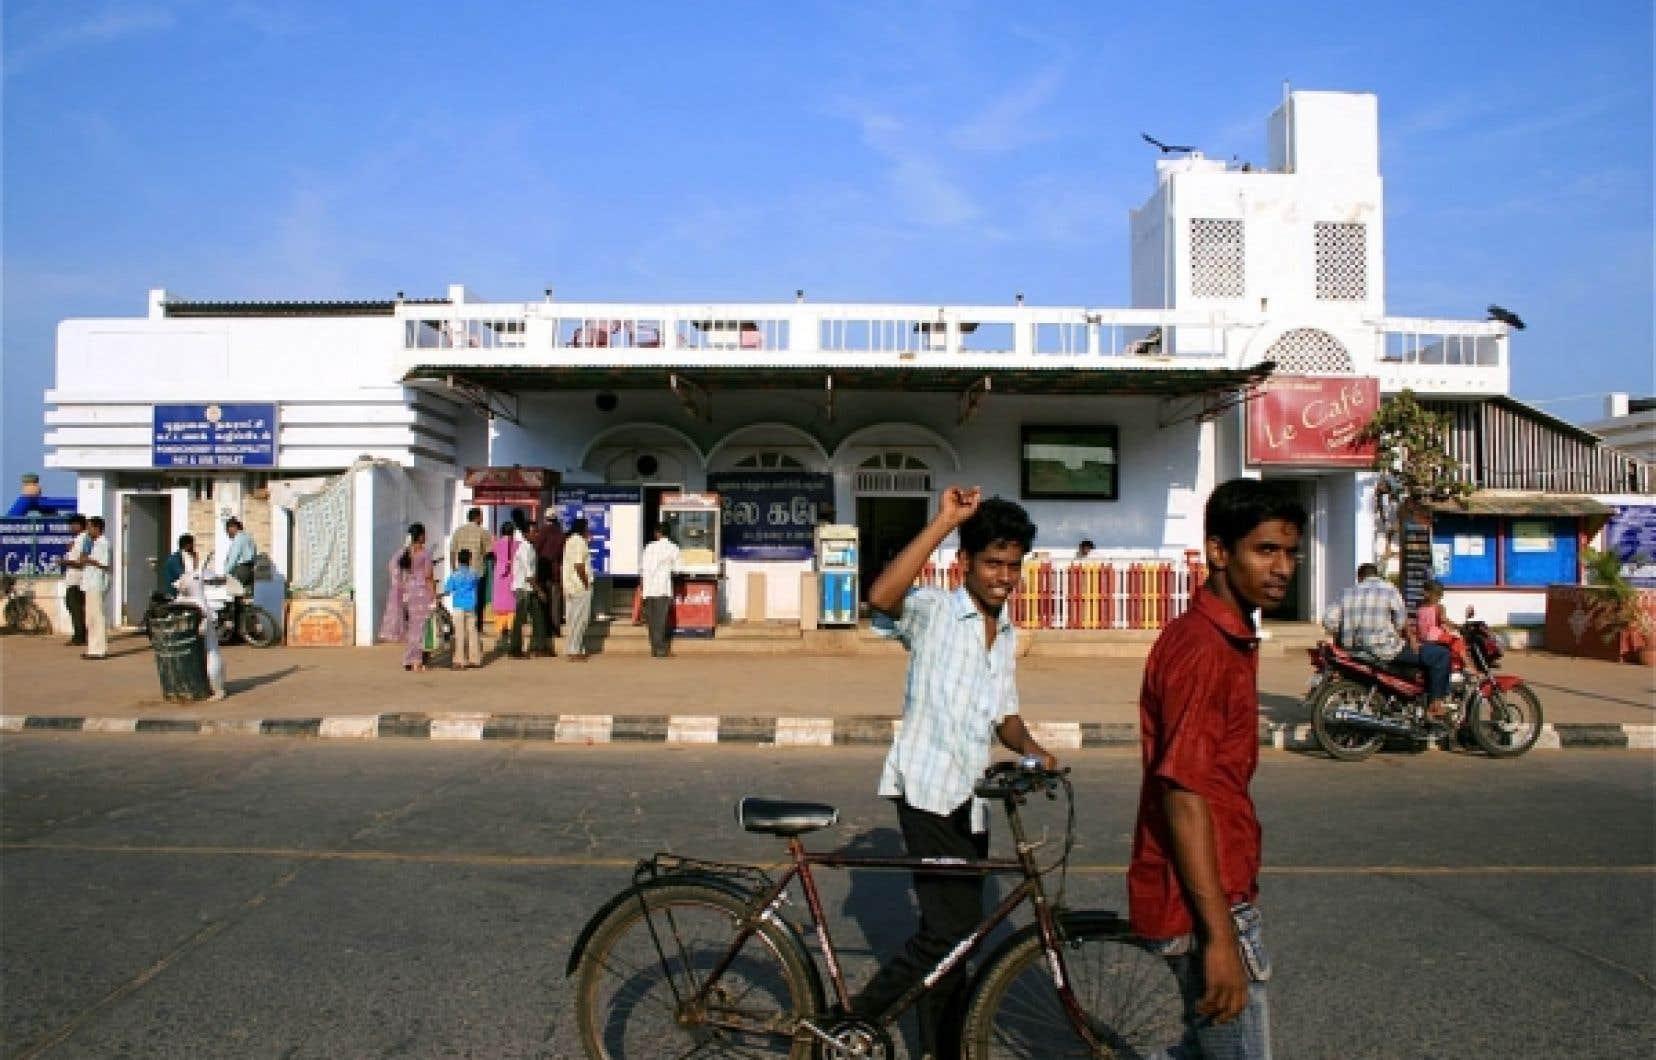 Scène du quotidien à Pondichéry, où le français côtoie l'anglais et le hindi.